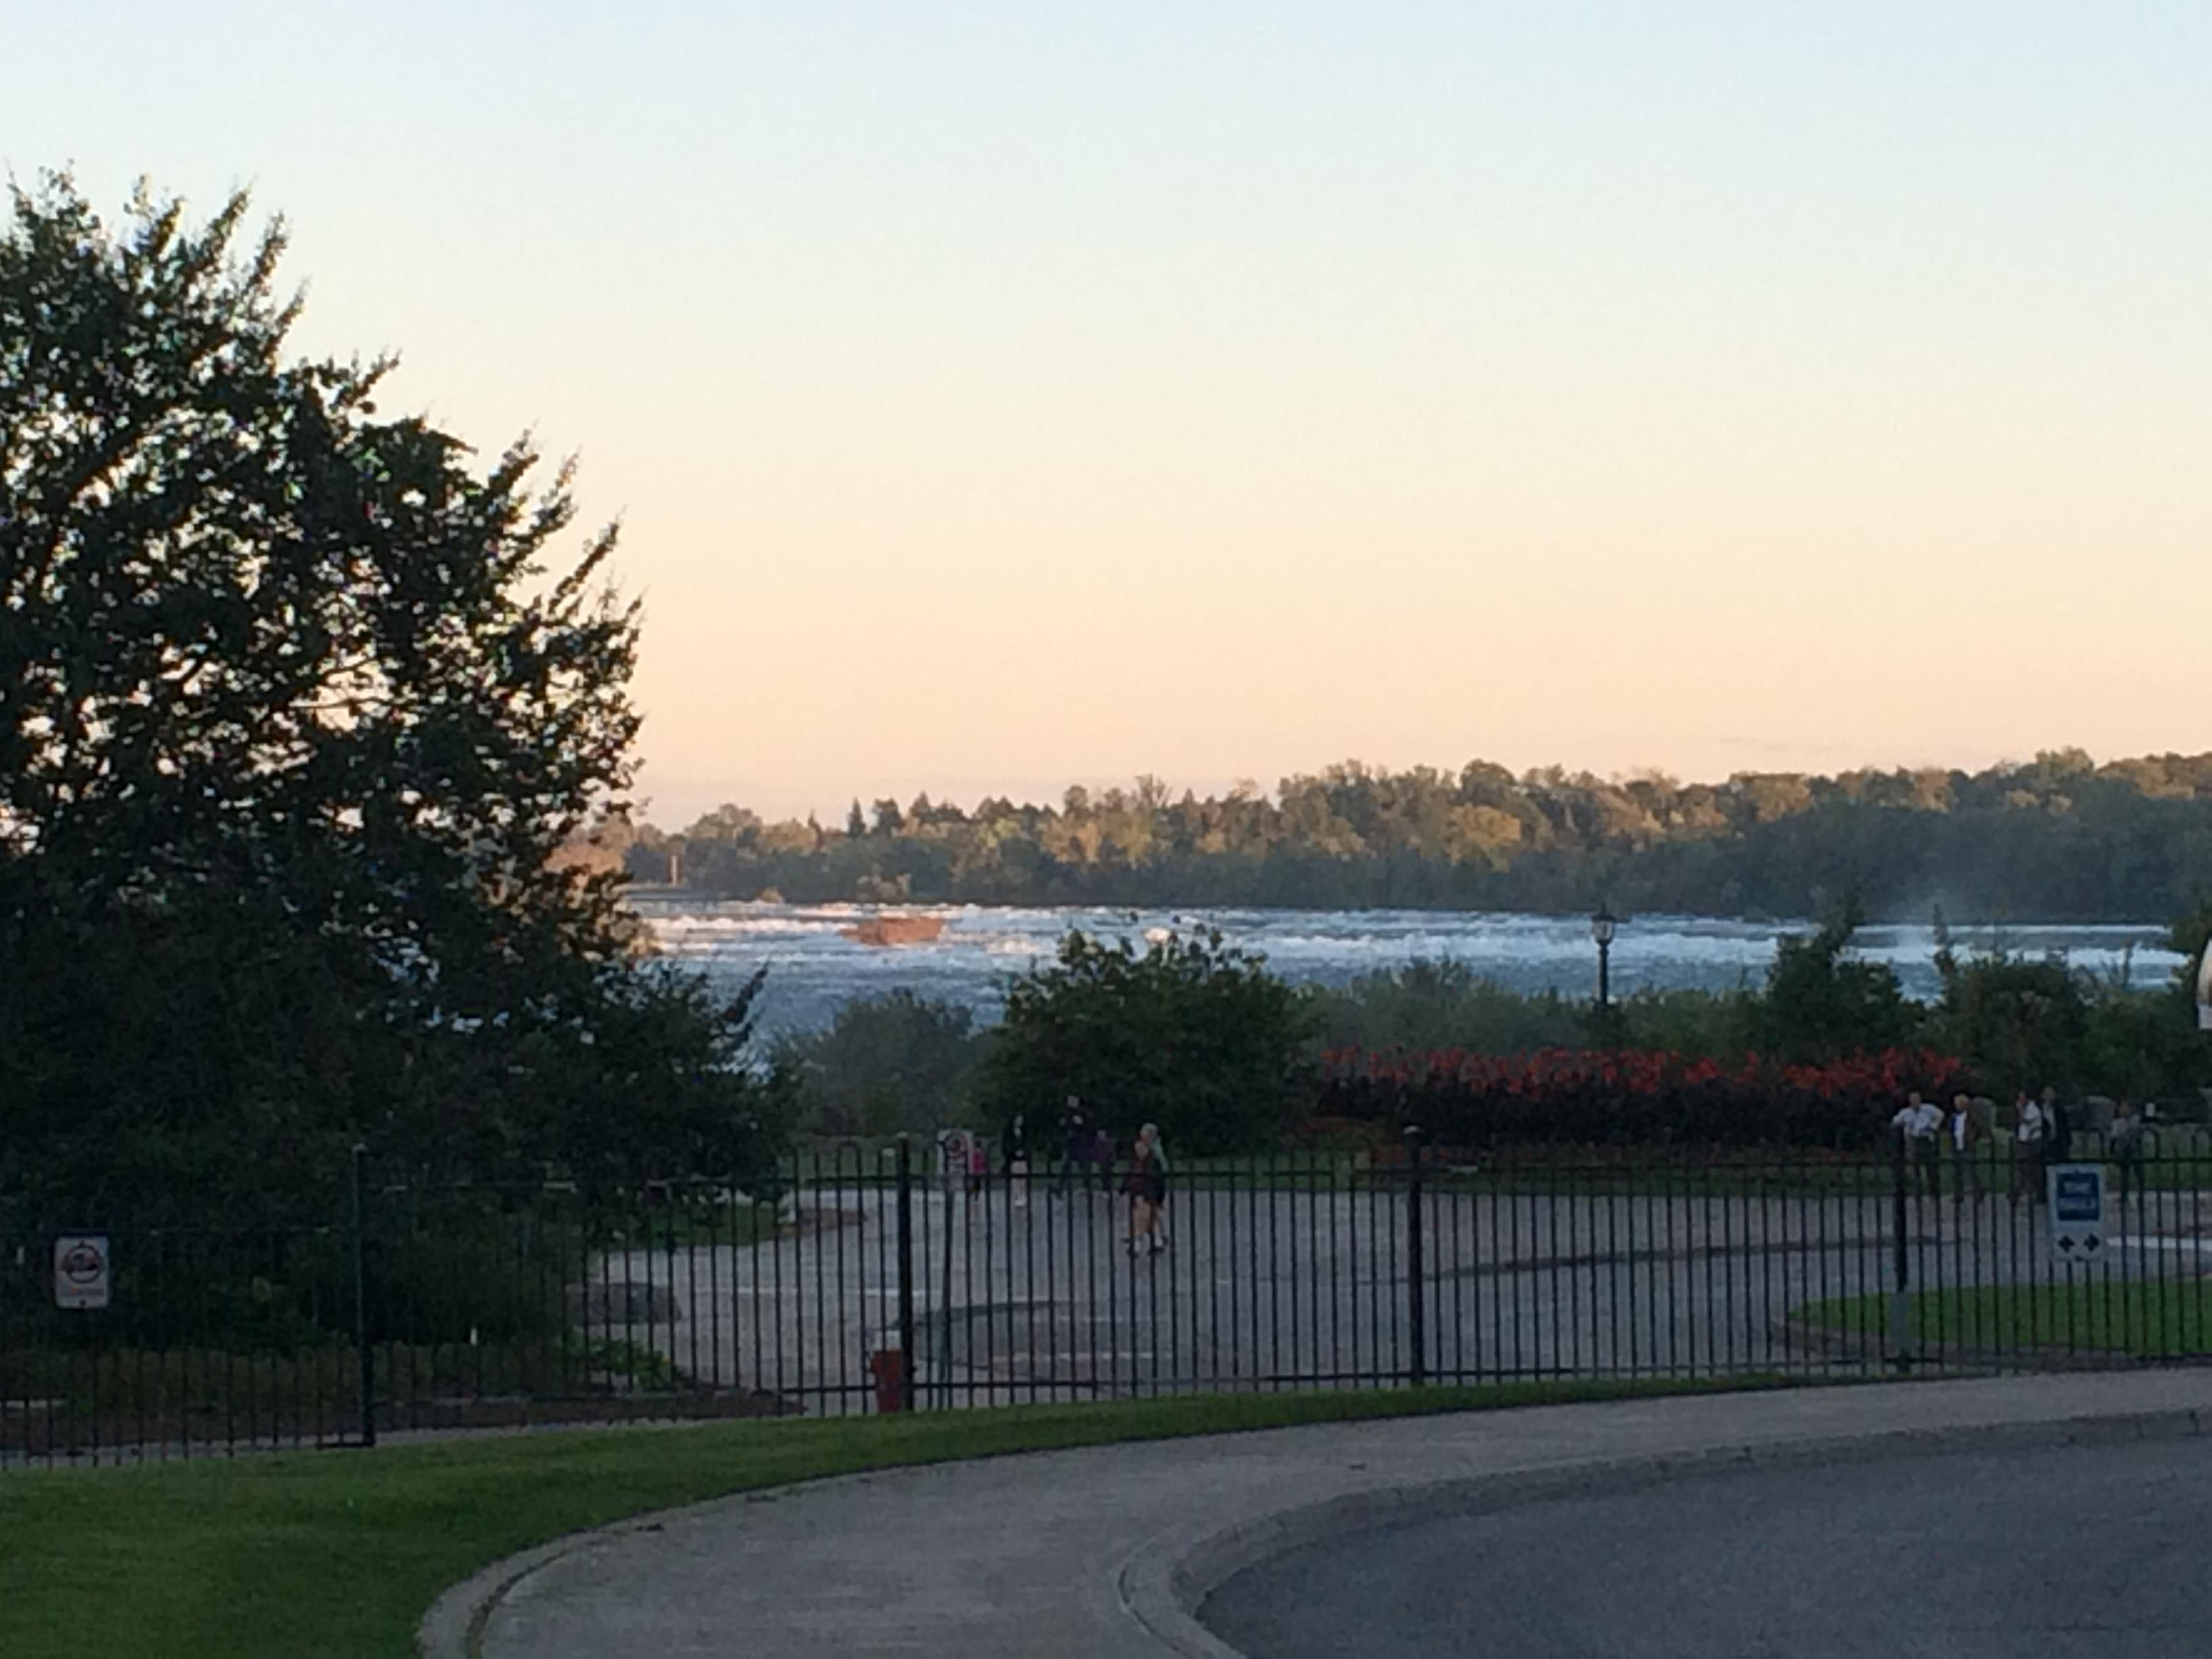 0037 2015-09-22 18.51.14 Rapids on Niagara River, Niagara Falls, ON